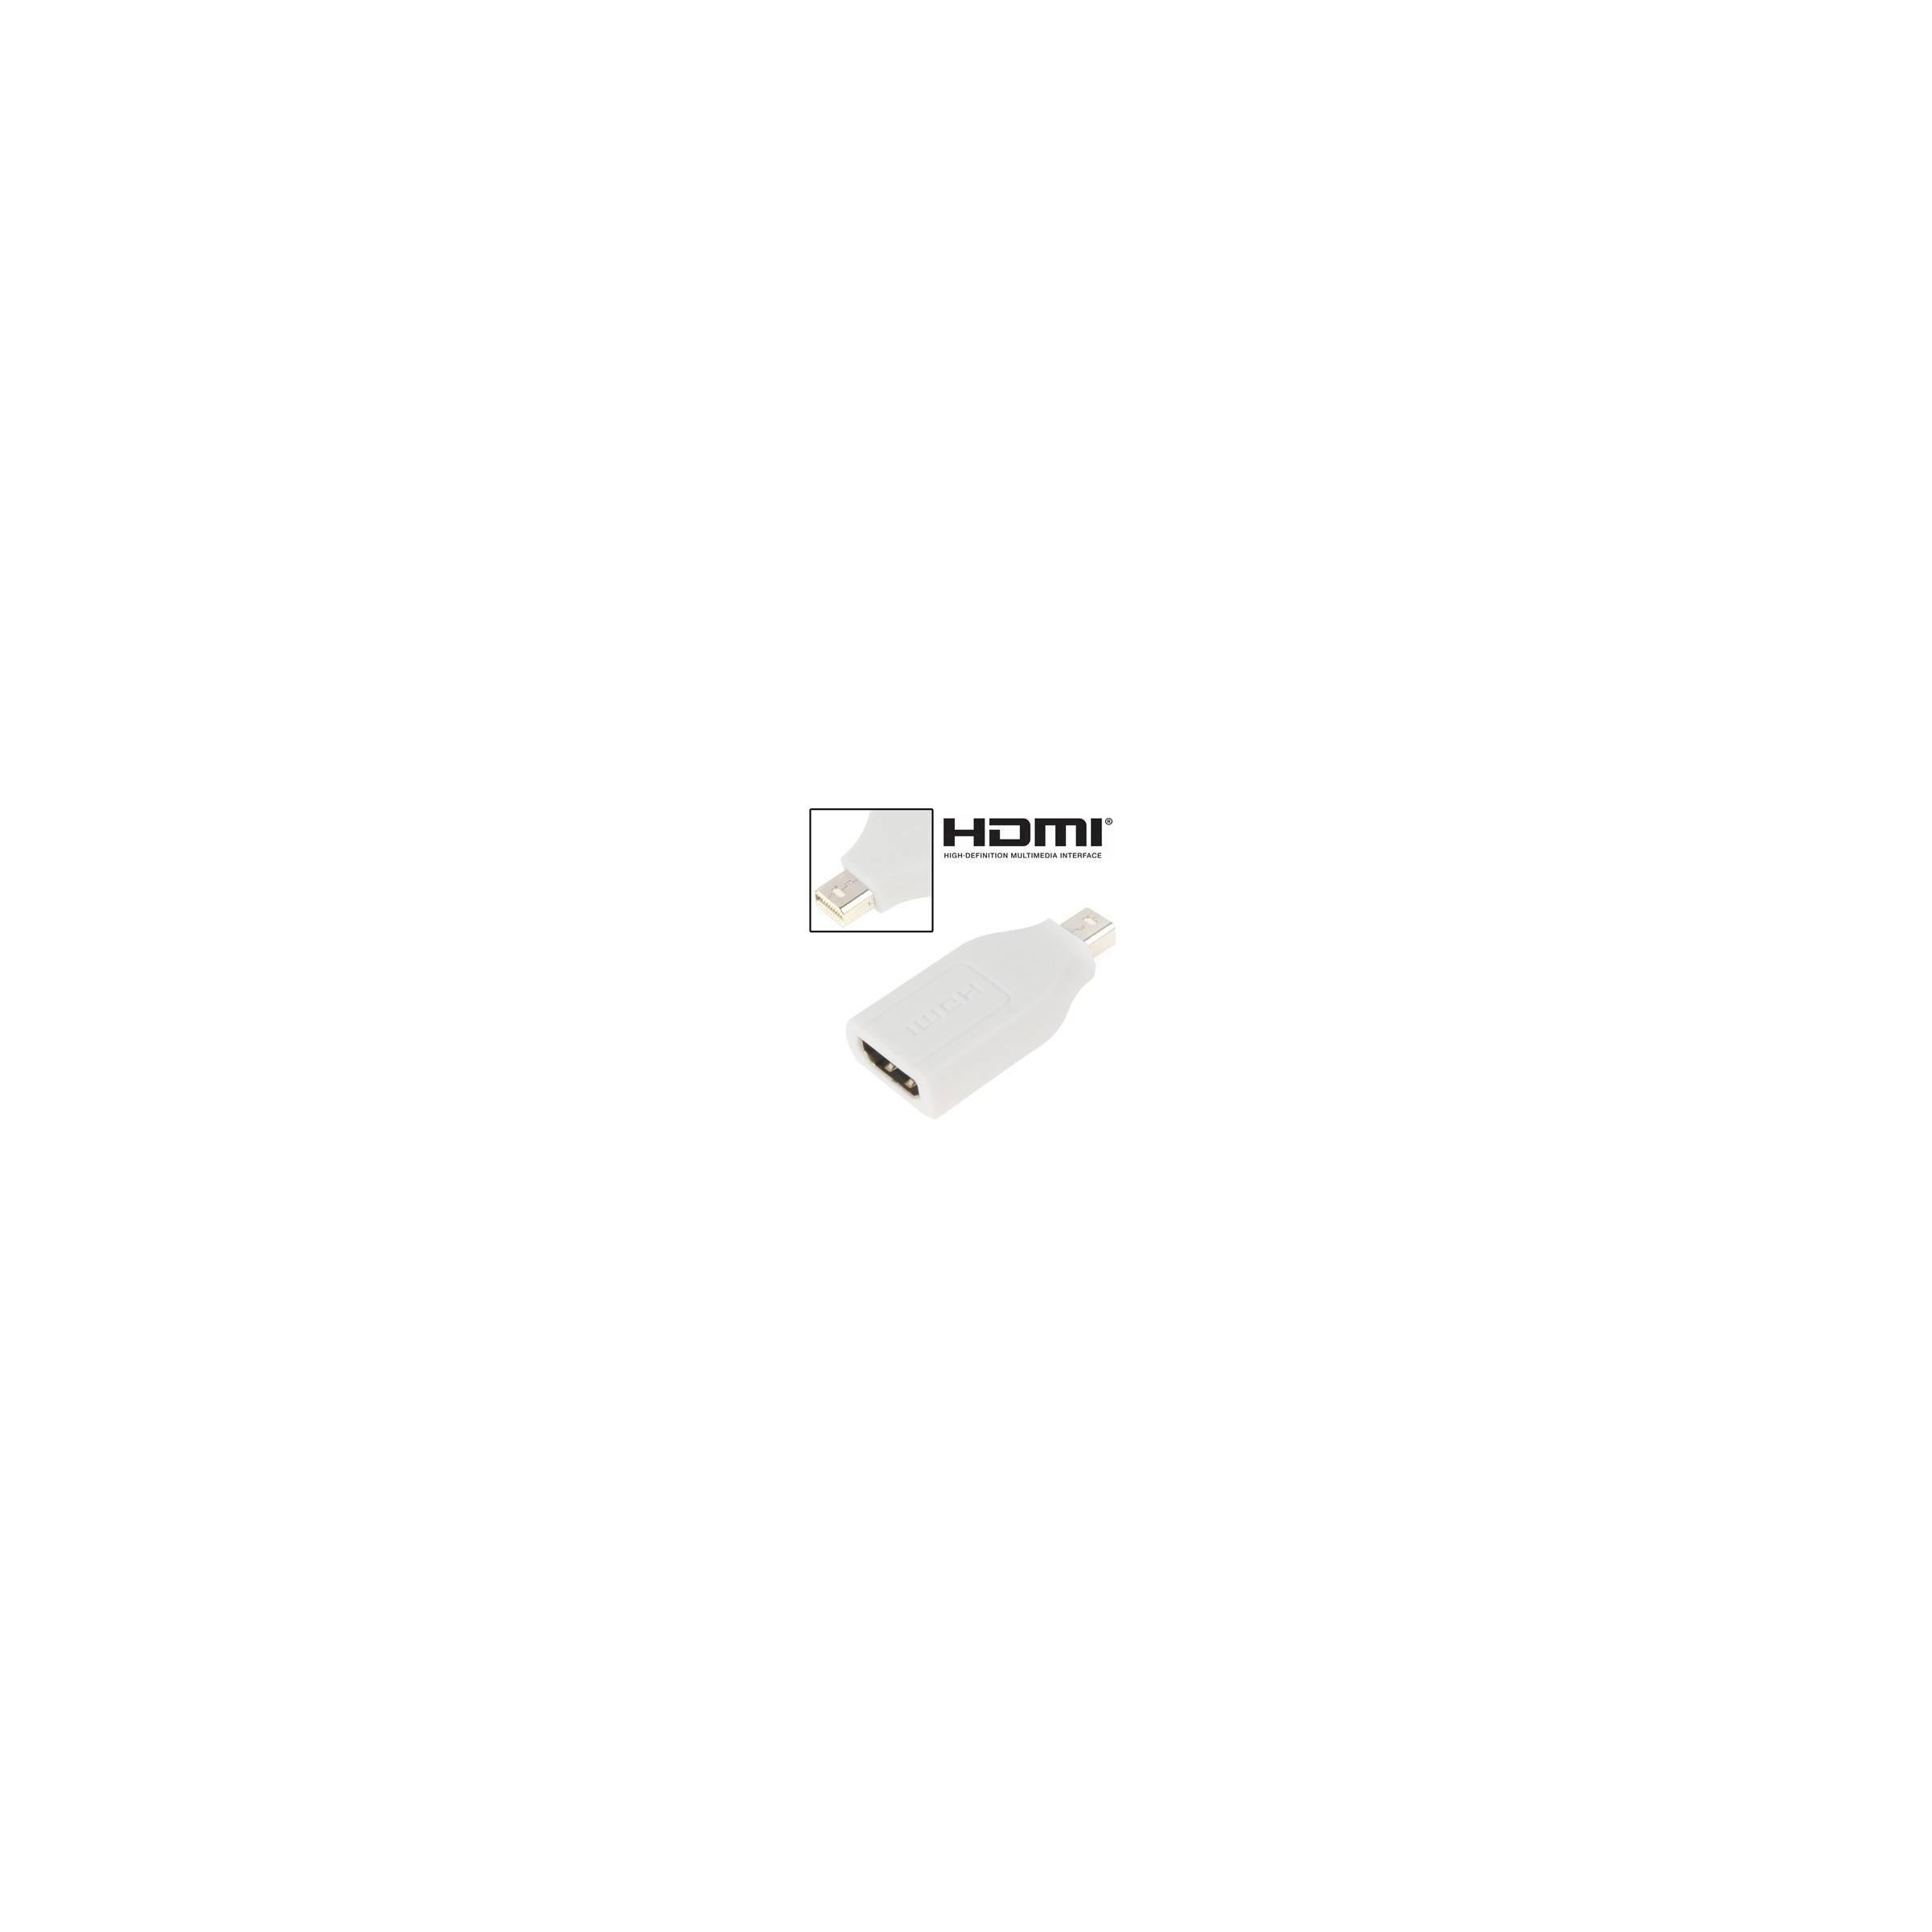 kina oem – Meget lille hdmi til mini displayport adapter farve hvid fra mackabler.dk